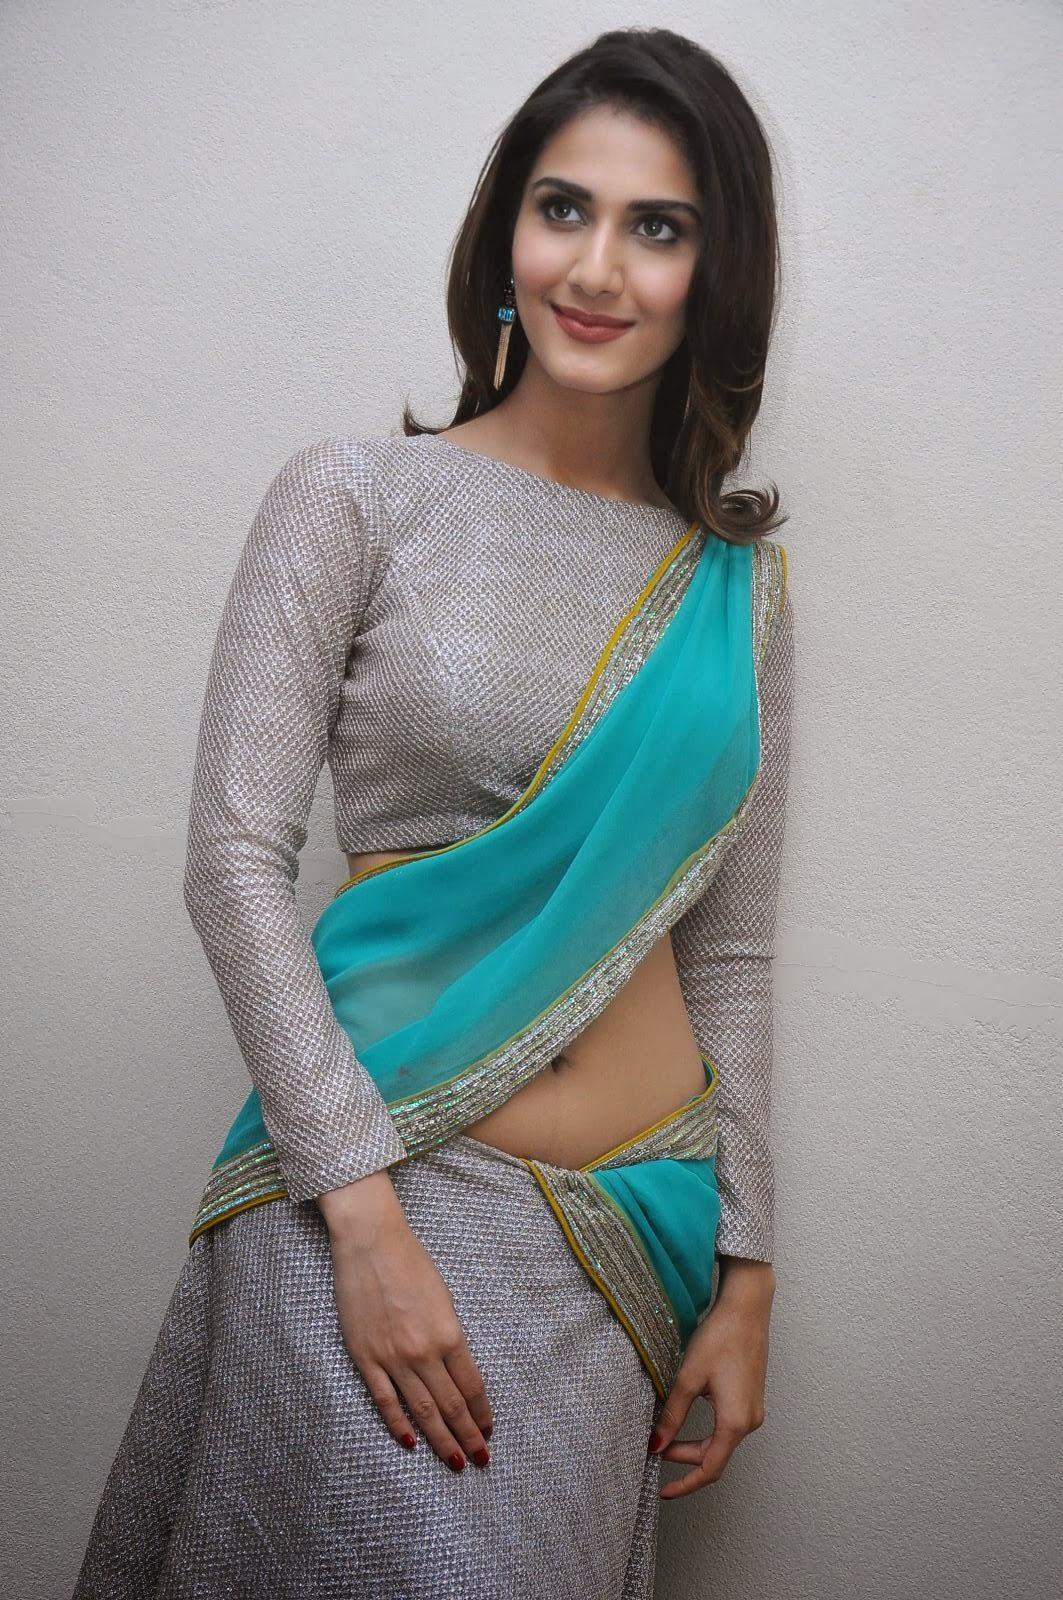 Genelia Cute Wallpaper Actress Vaani Kapoor New Hot Photos Hot Photos In Saree